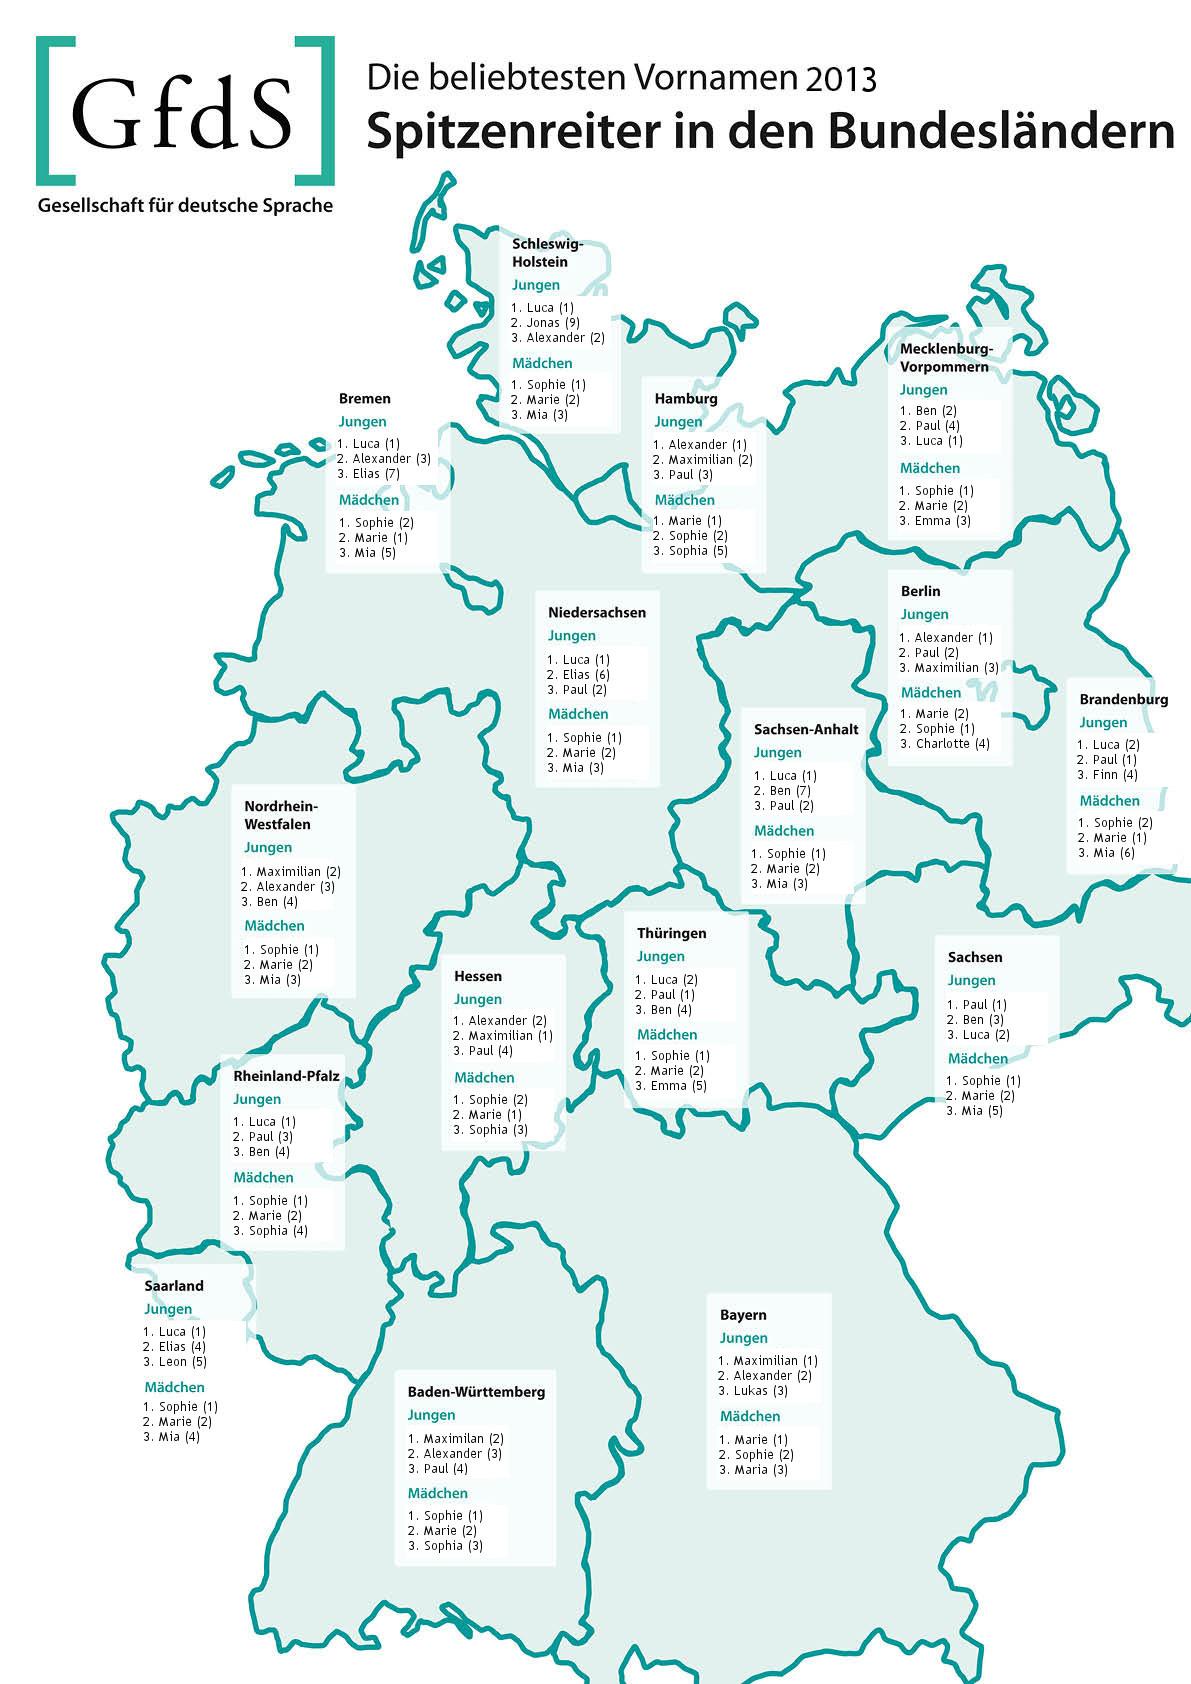 Beliebteste VN in den Bundesländern 2013; Grafik: WoGi - Fotolia.com; Bearbeitung: GfdS